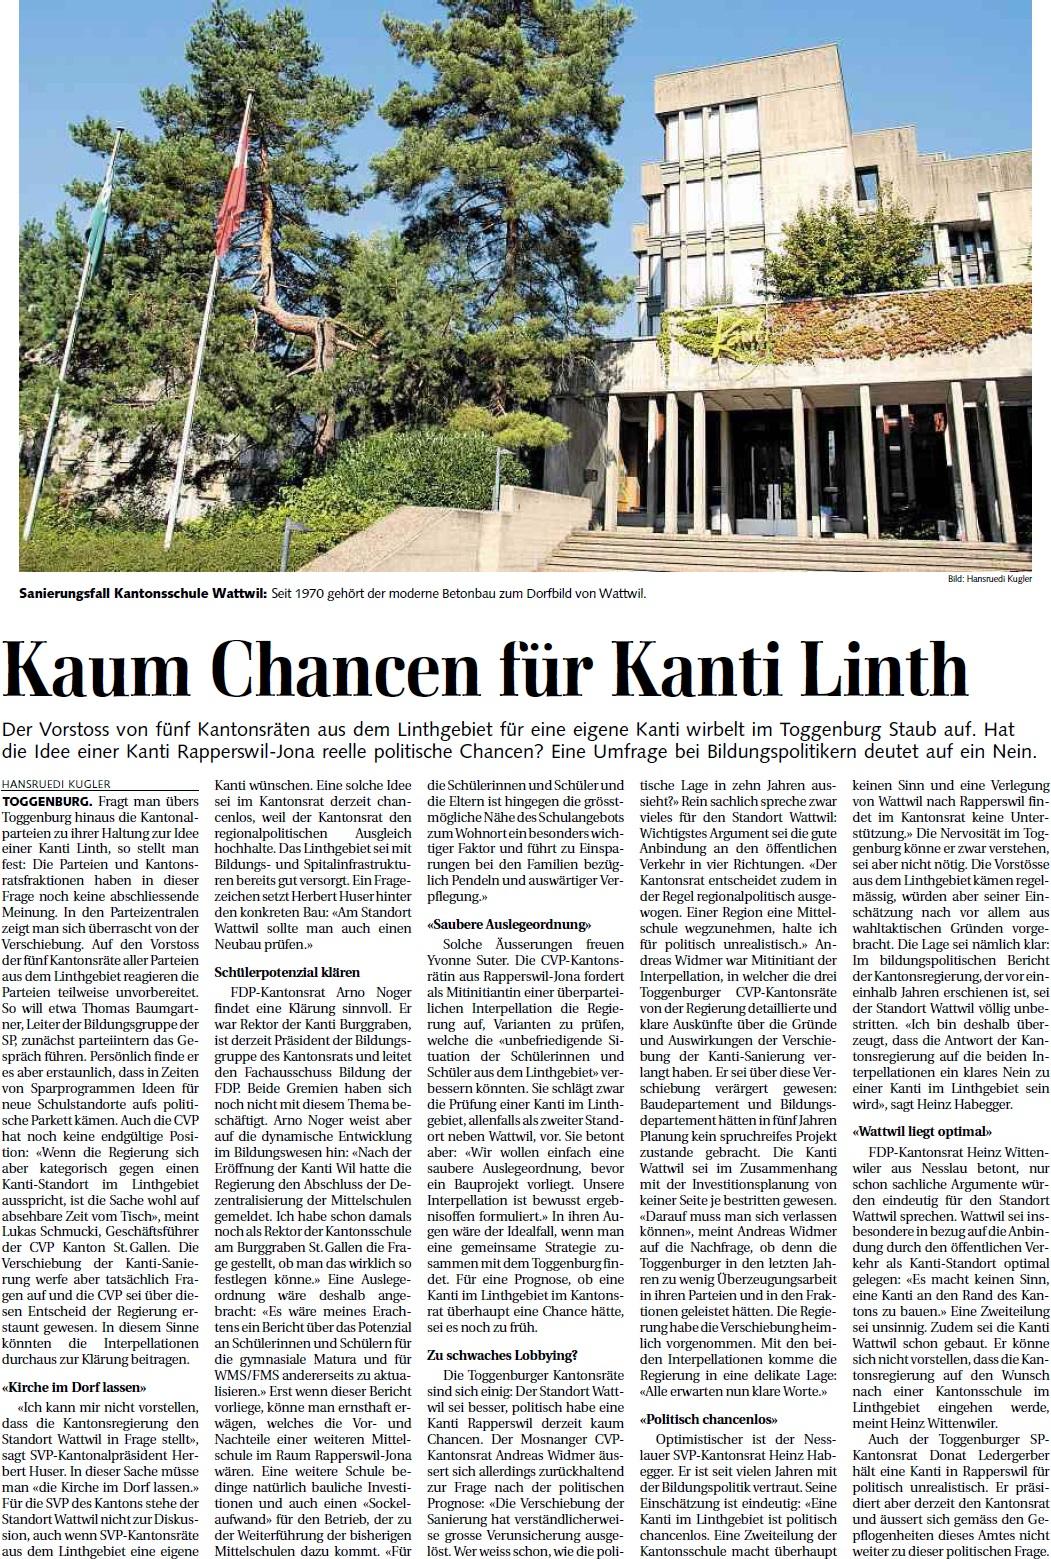 Kaum Chancen für Kanti Linth (Samstag, 15.06.2013)